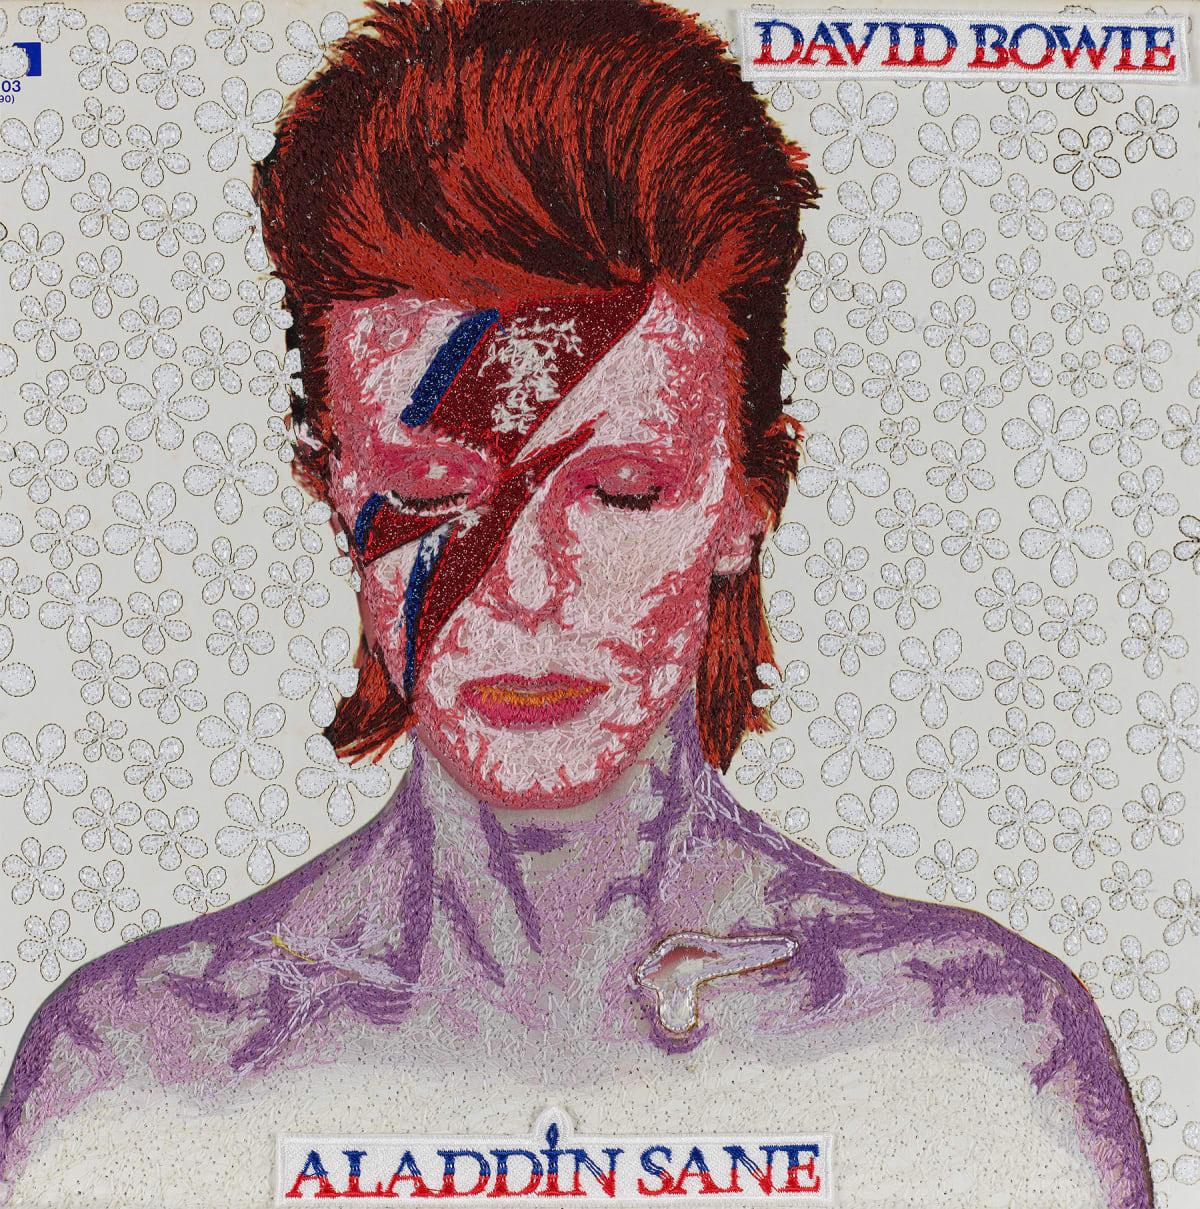 Stephen Wilson, Aladdin Sane, David Bowie , 2019